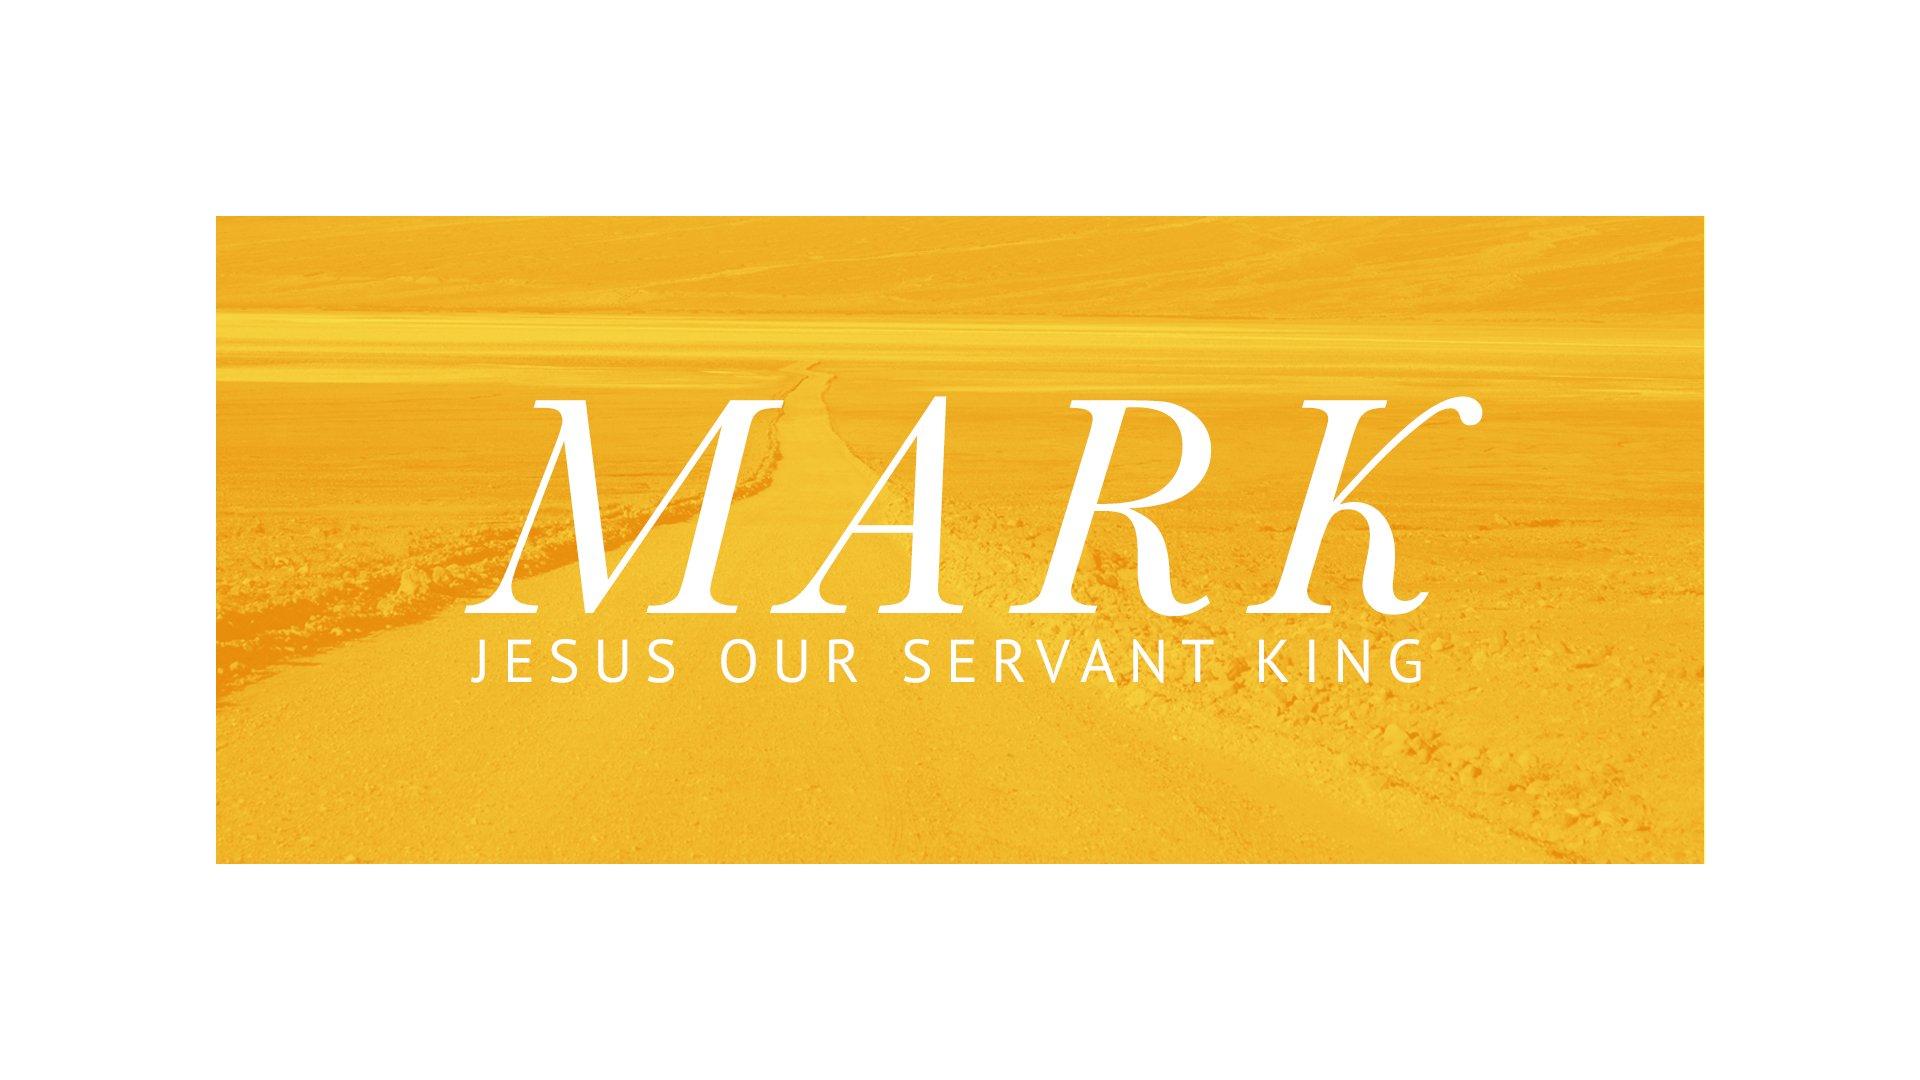 June 30, 2019 – The Gospel of Mark